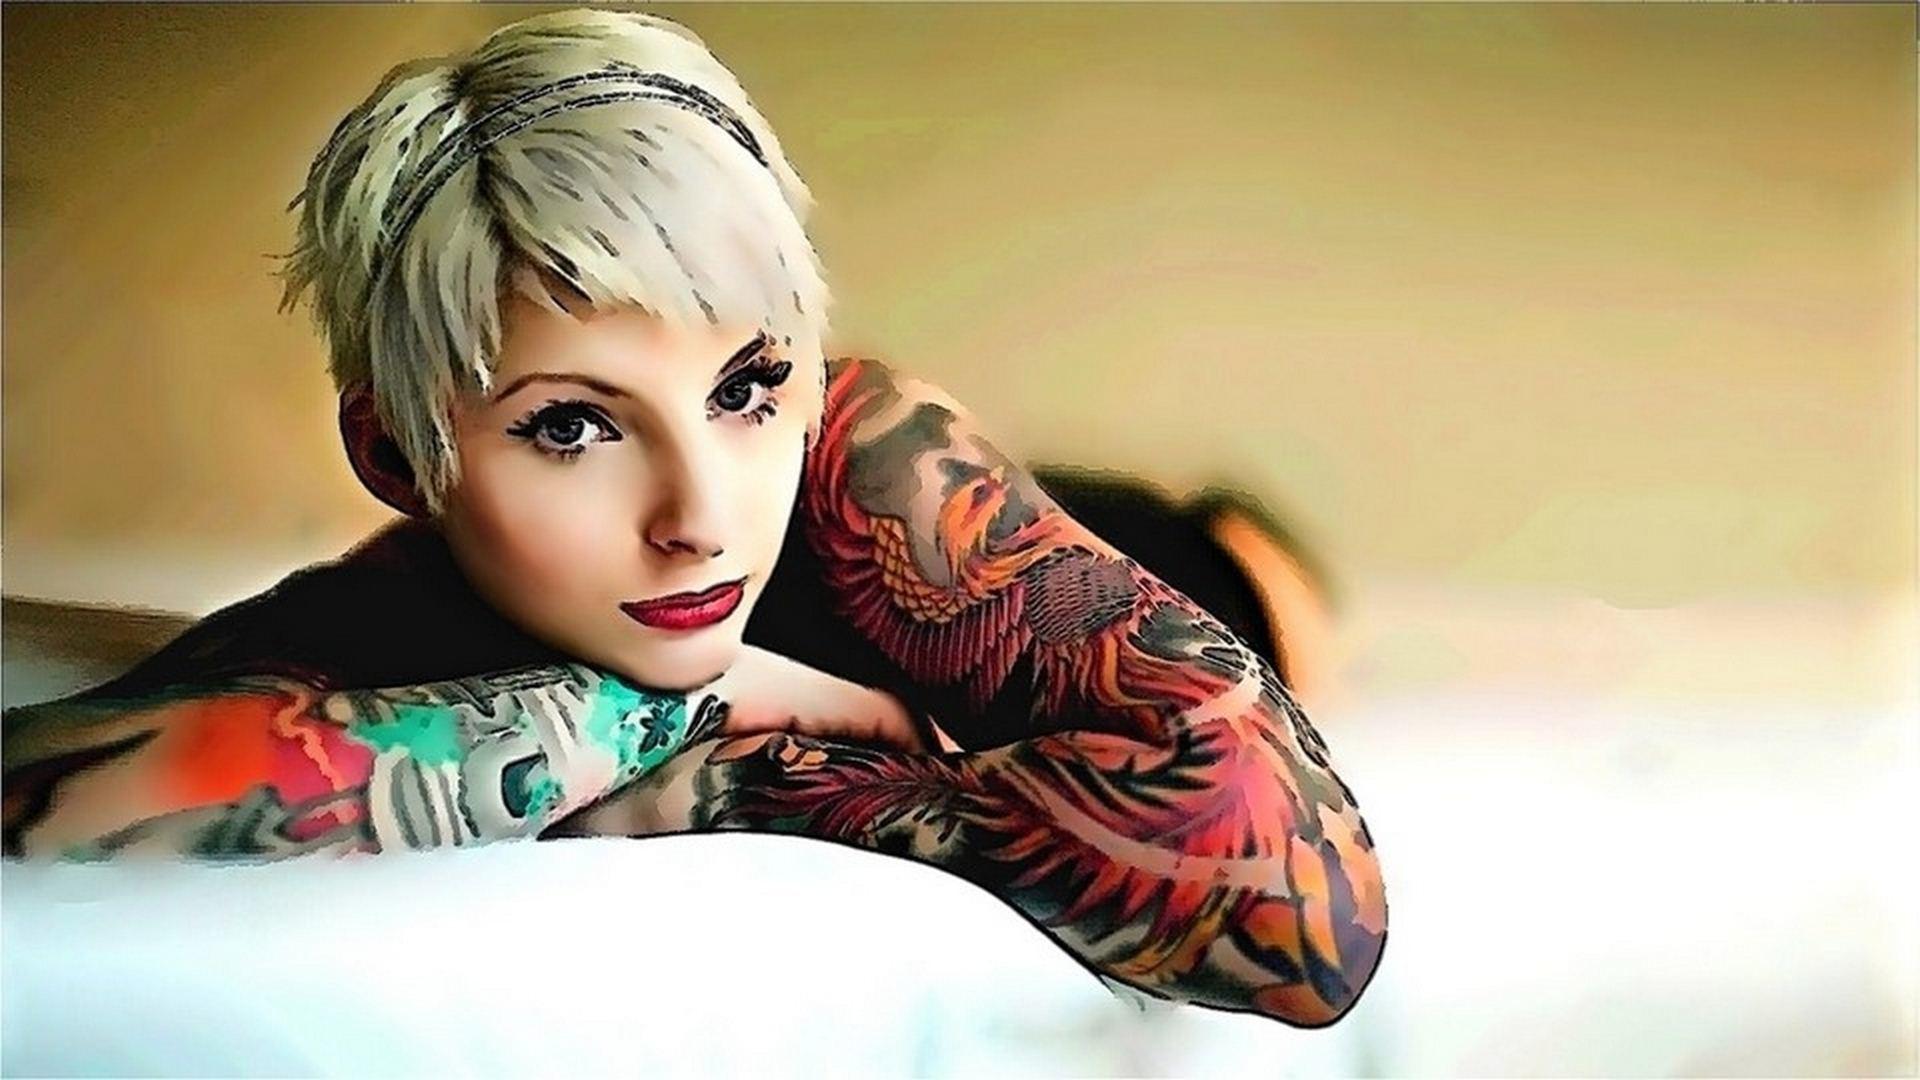 Tattoo Wallpaper Hd 1080p Download